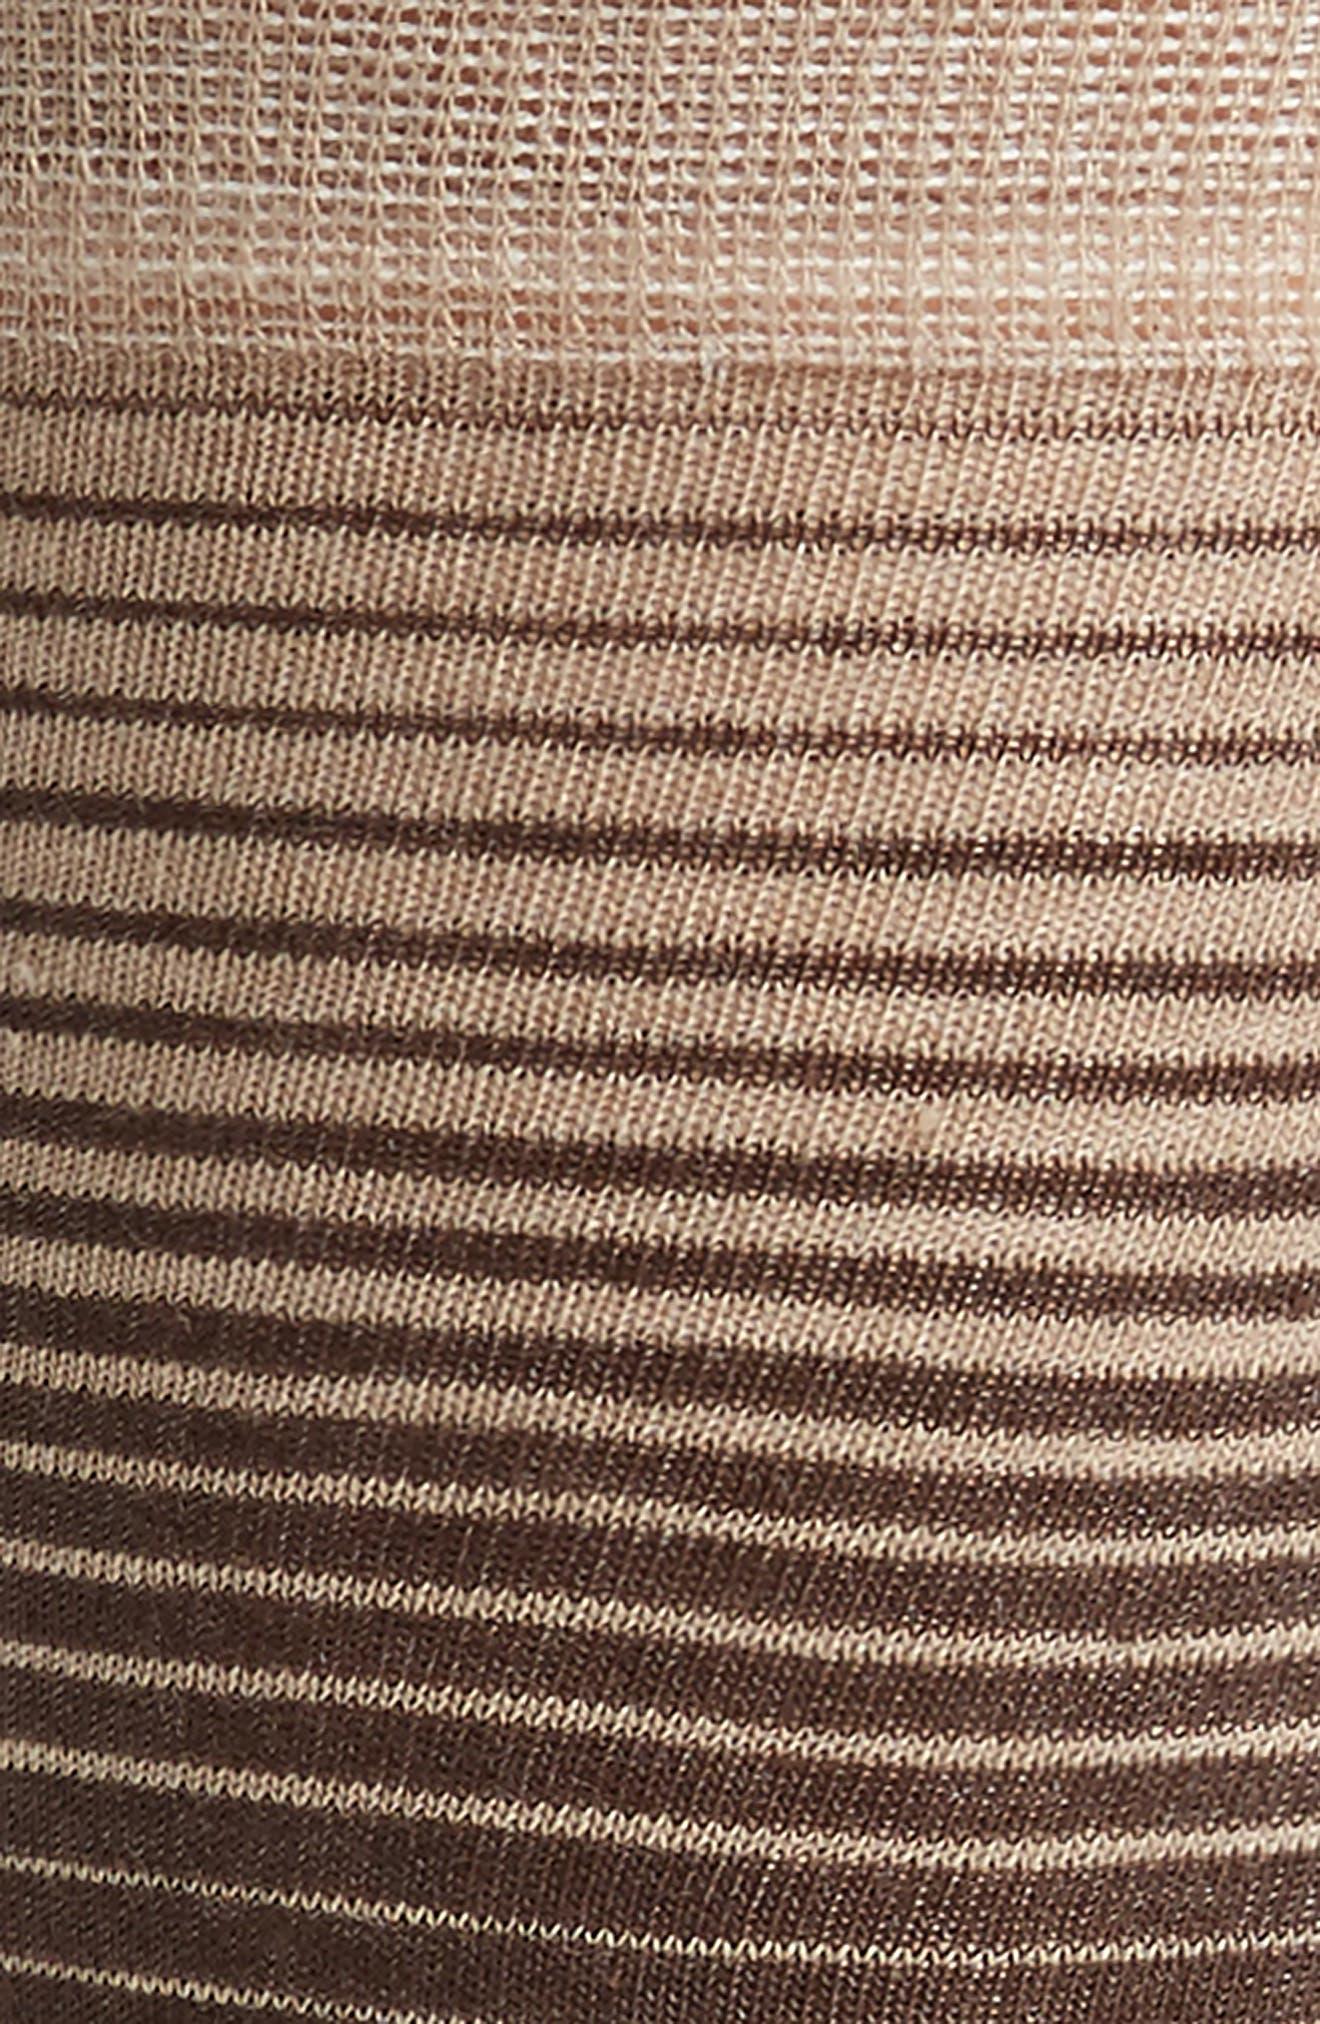 Stripe & Dot Socks,                             Alternate thumbnail 2, color,                             Dune